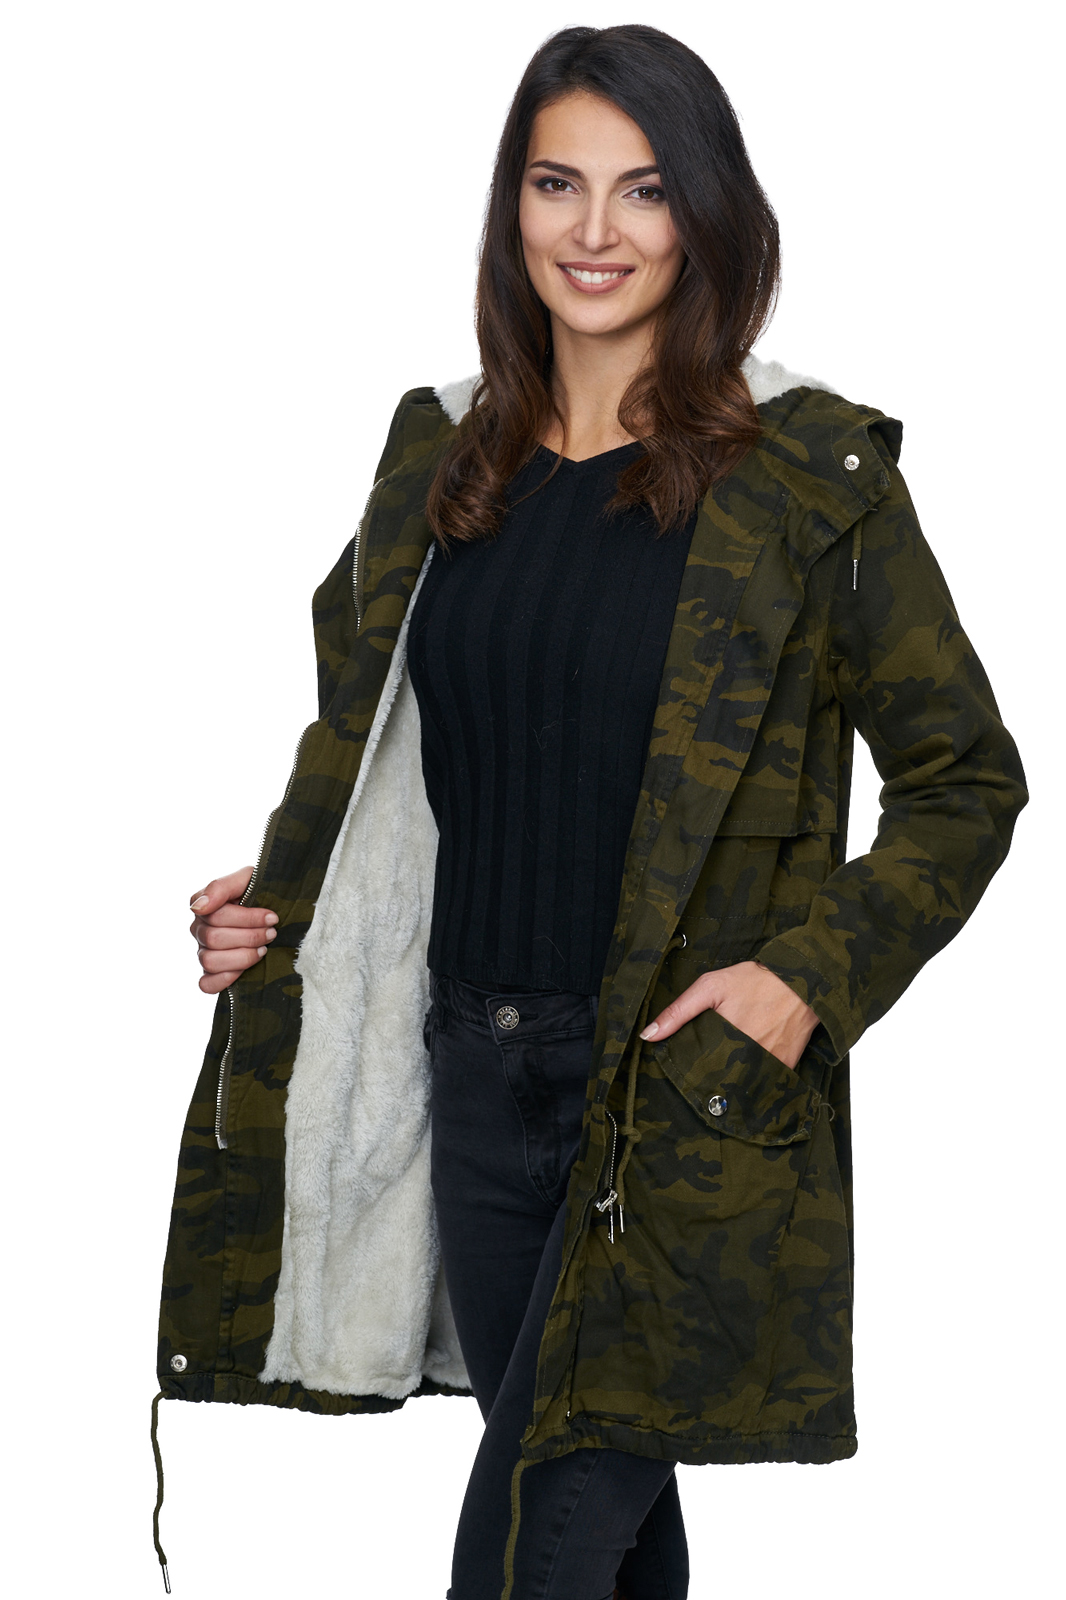 damen winter jacke camouflage mantel warm parka gr n gelb d 235 neu ebay. Black Bedroom Furniture Sets. Home Design Ideas